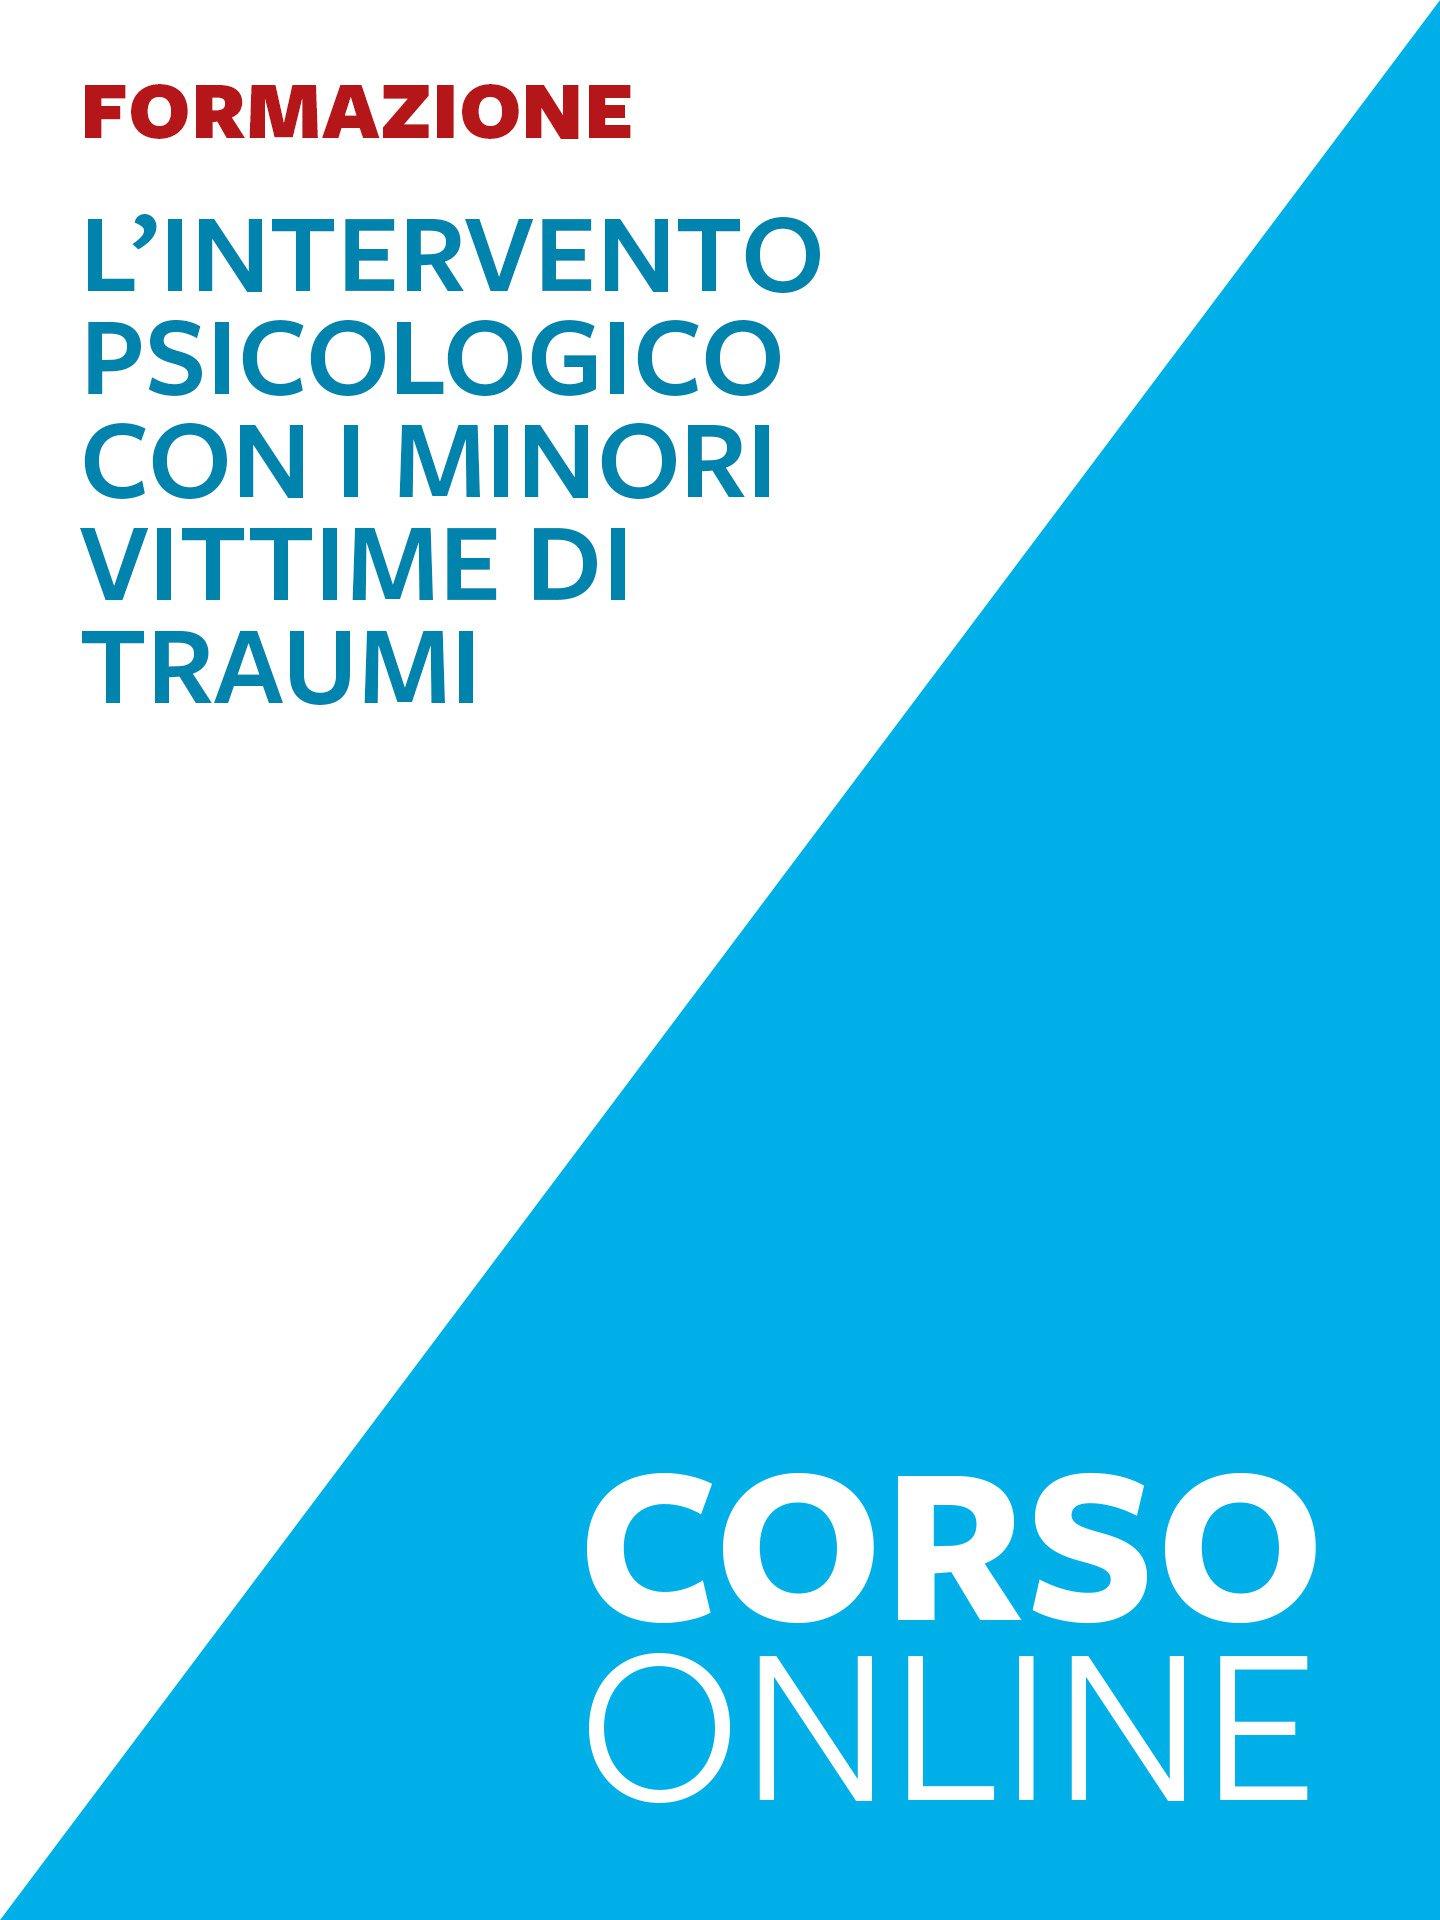 L'intervento psicologico con i minori vittime di traumi - Lavoro sociale - Riviste - Erickson